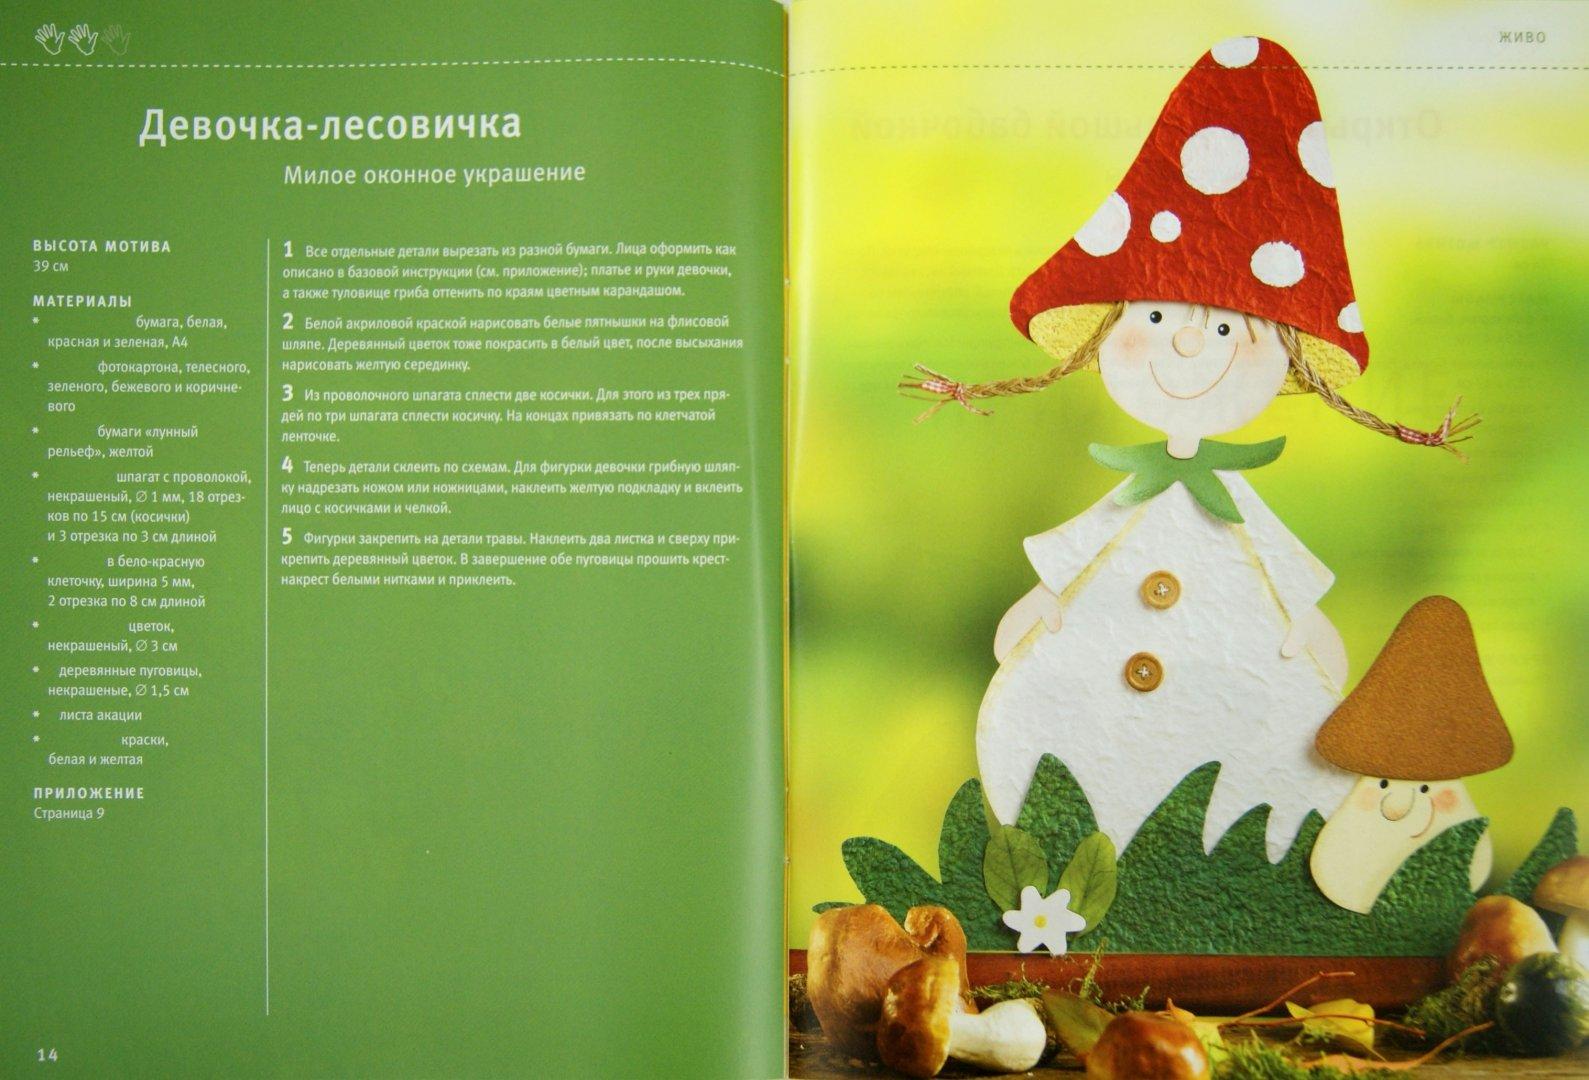 Иллюстрация 1 из 19 для Фигурки из природных материалов - Пиа Педевилла   Лабиринт - книги. Источник: Лабиринт